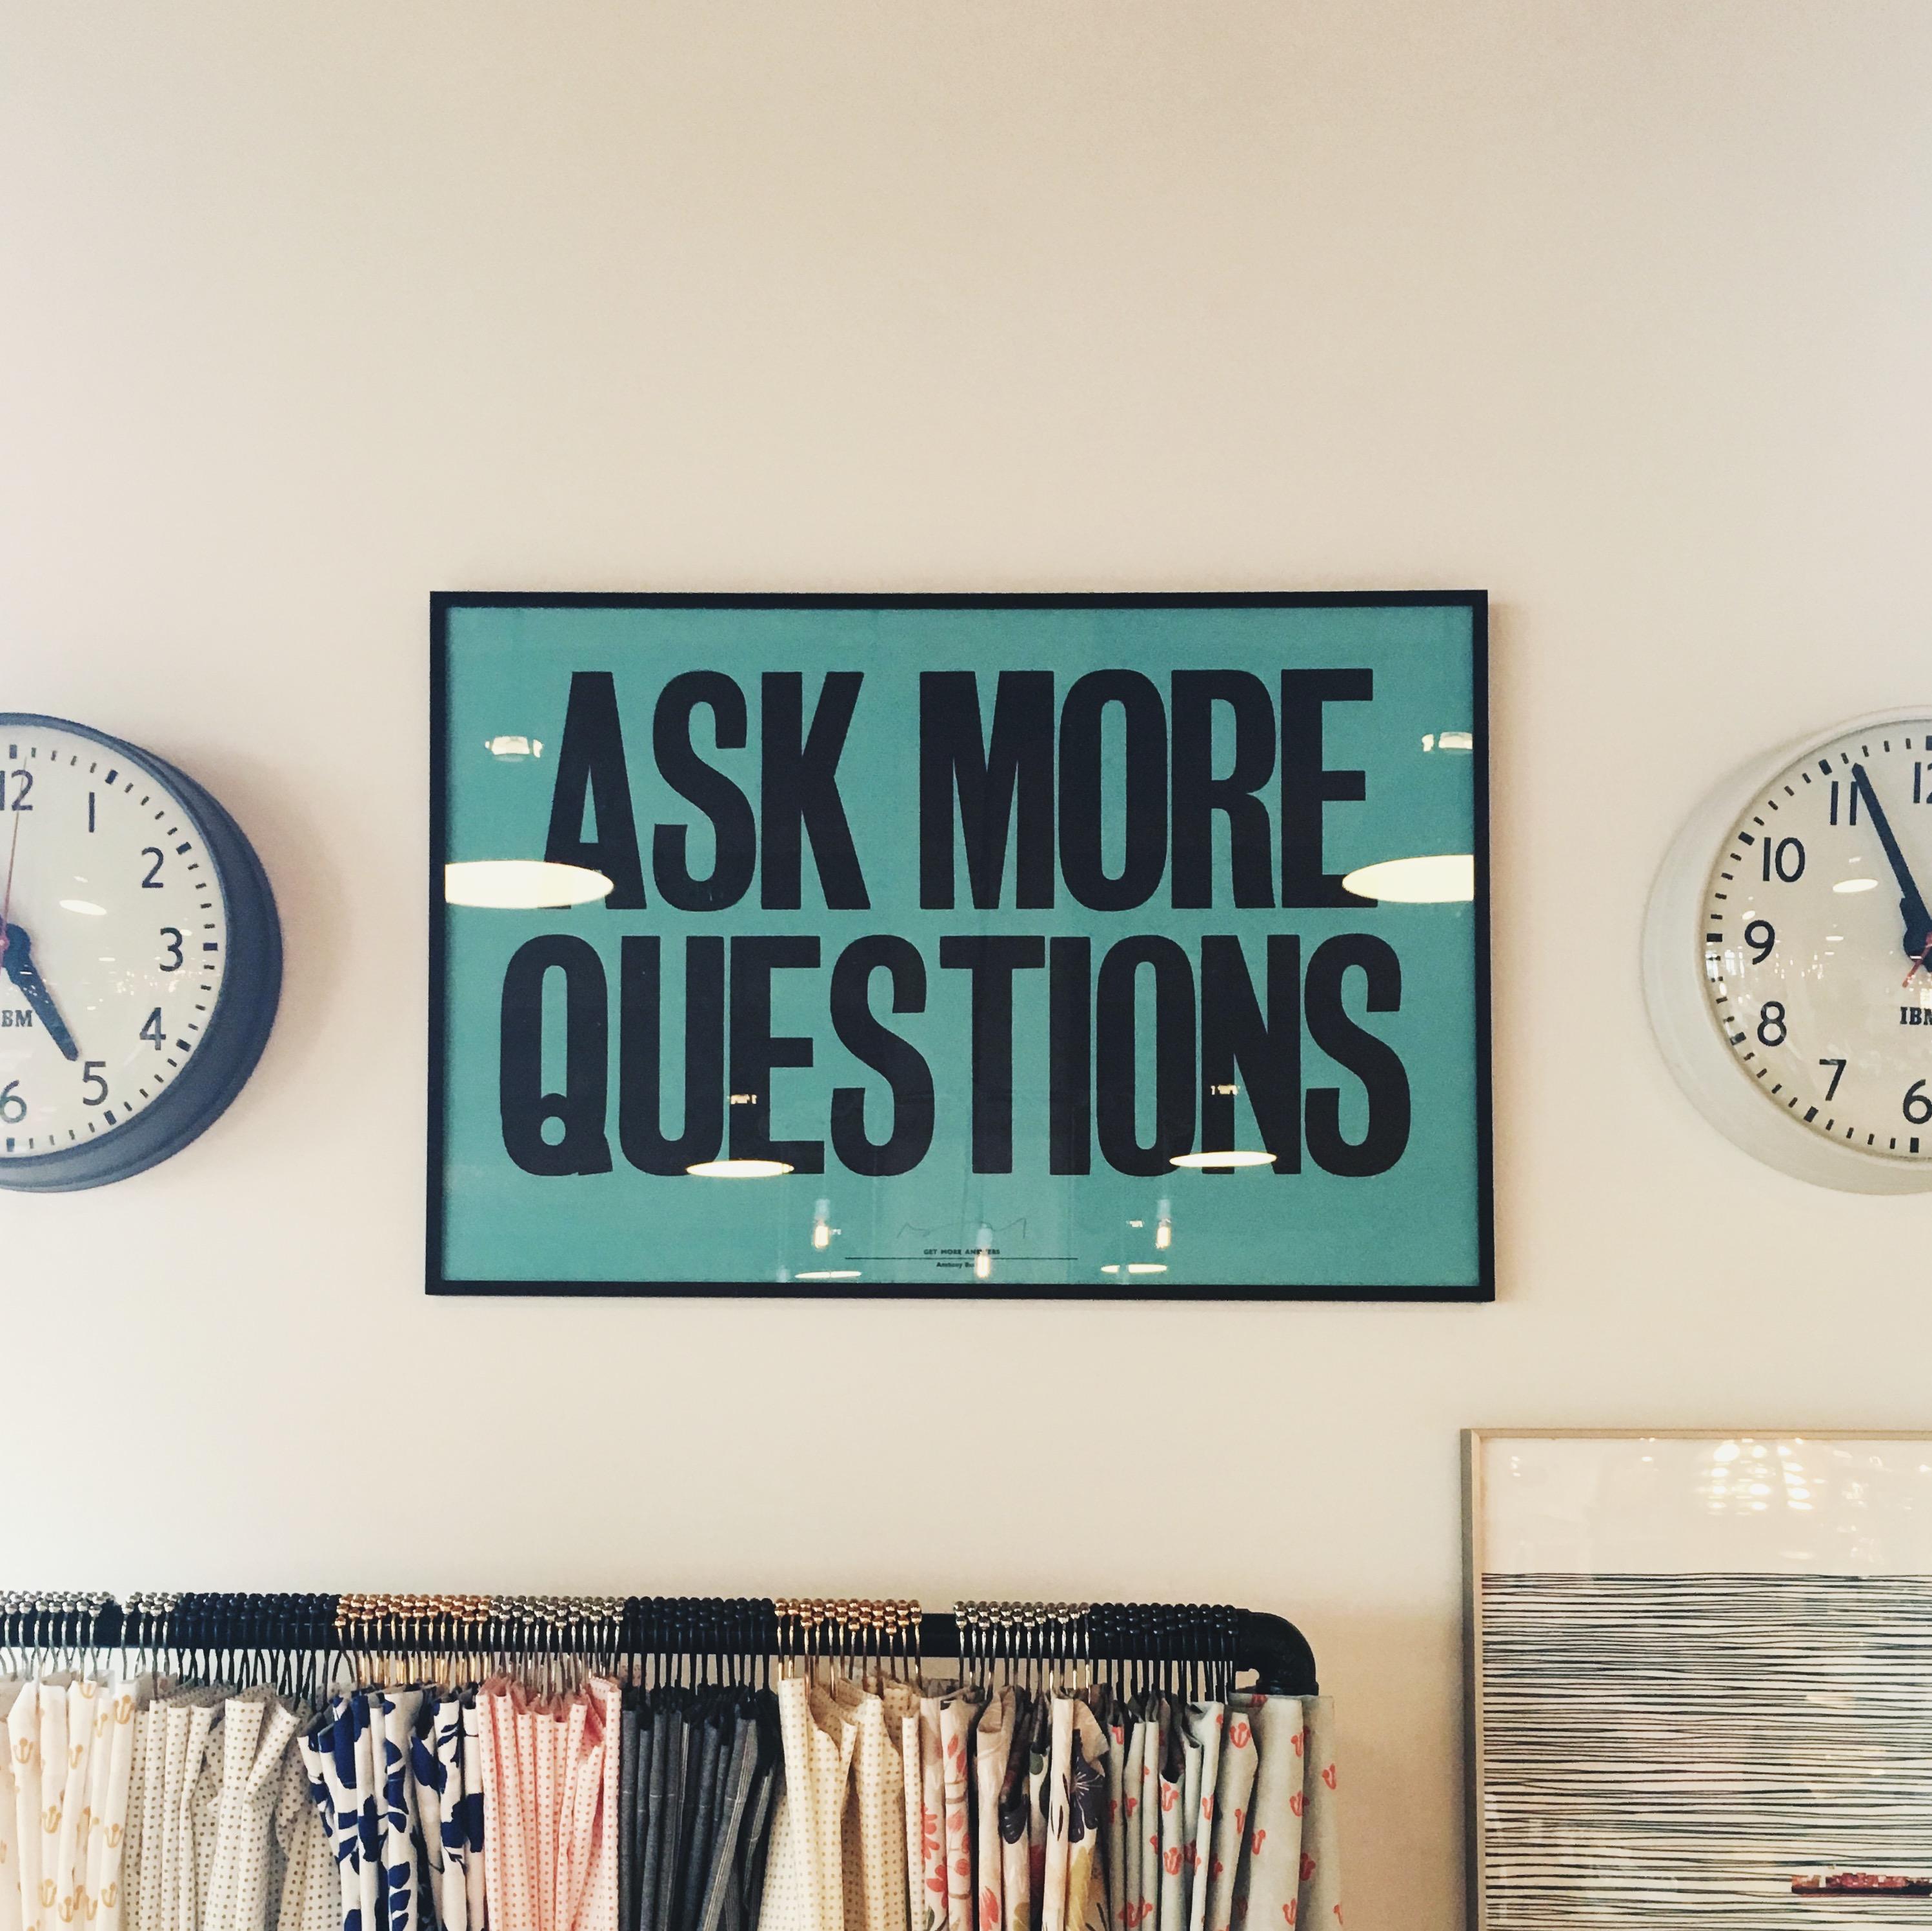 come-mi-sono-innamorata-di-un-lavoro-con-orari-d-ufficio-cara-blogger